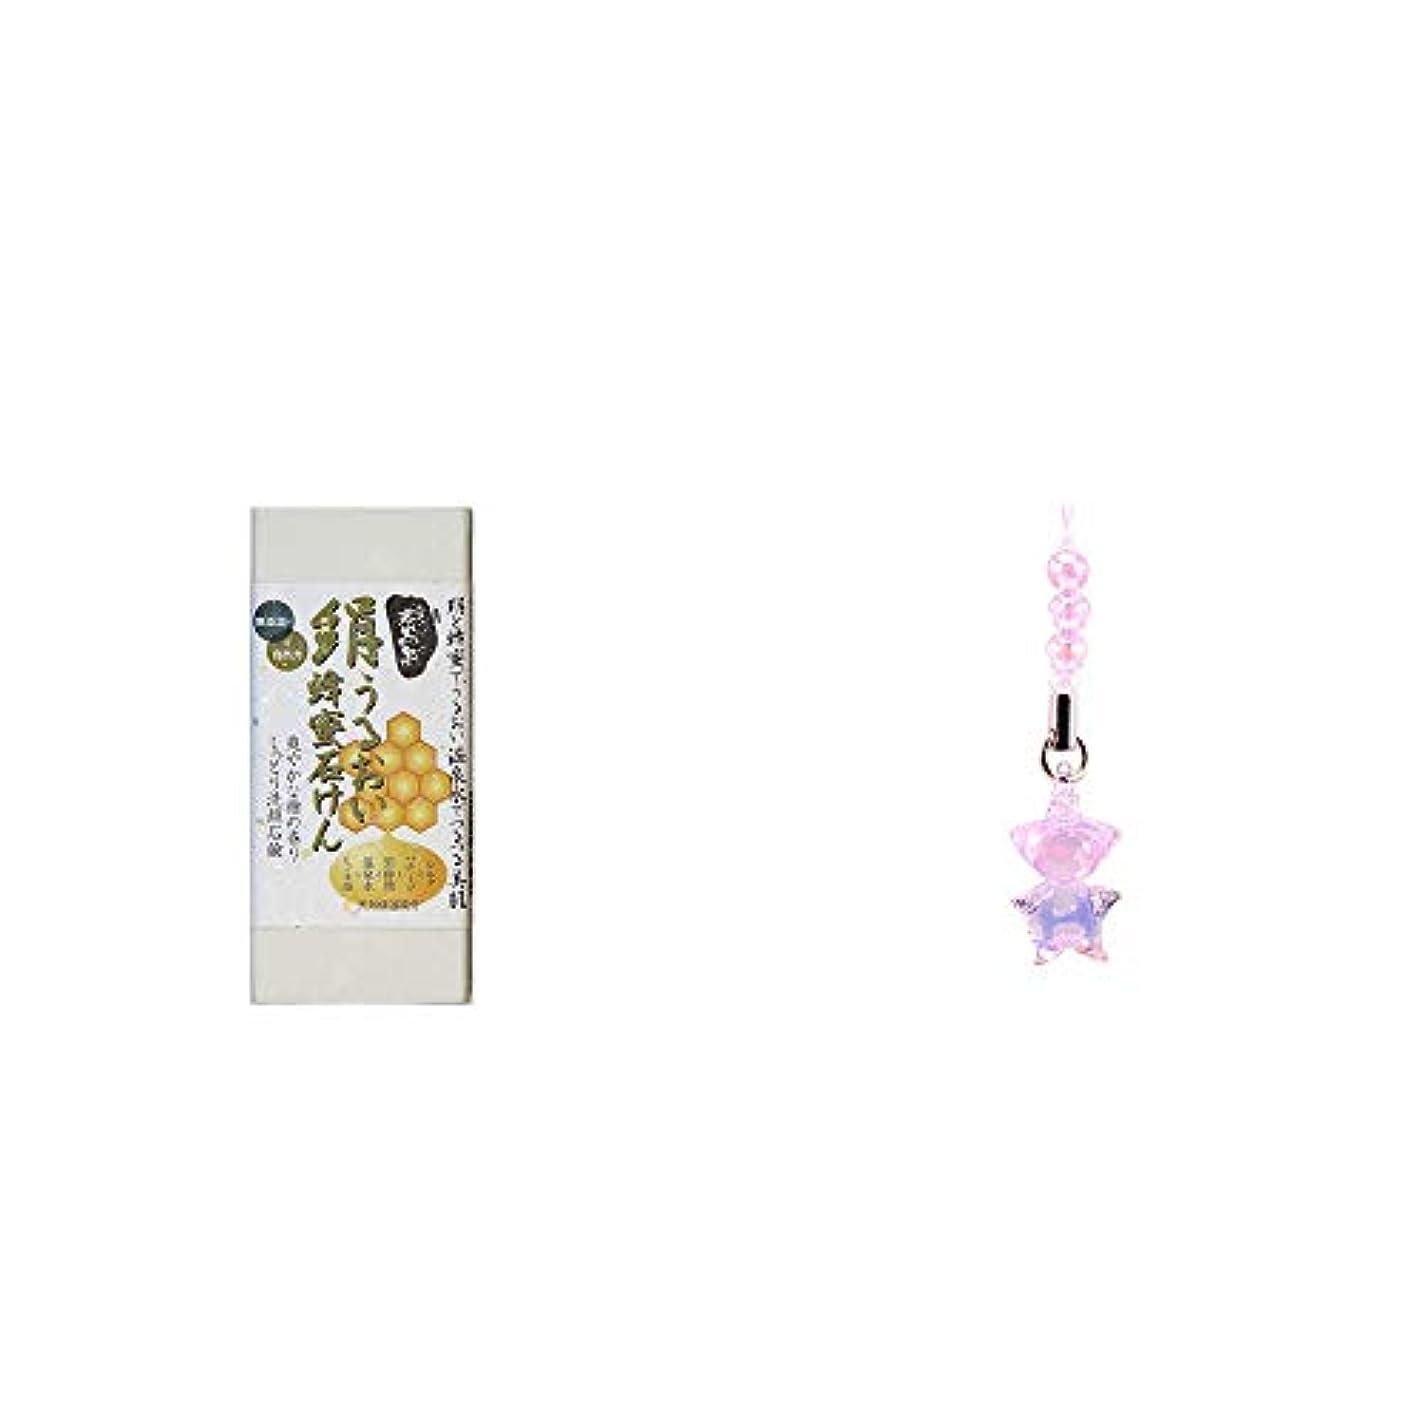 苦い水分防ぐ[2点セット] ひのき炭黒泉 絹うるおい蜂蜜石けん(75g×2)?ガラスのさるぼぼ 手作りキーホルダー【ピンク】 /恋愛運?素敵な出会い?幸せな結婚?豊かな人間関係//